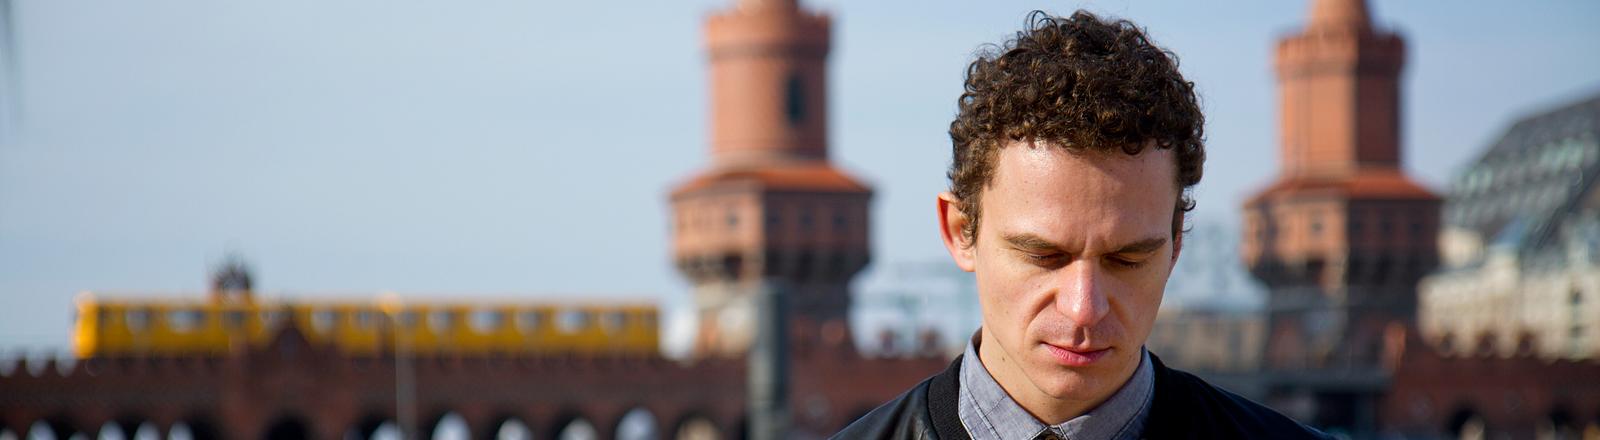 Autor Christian Huber an der Oberbaumbrücke in Berlin.